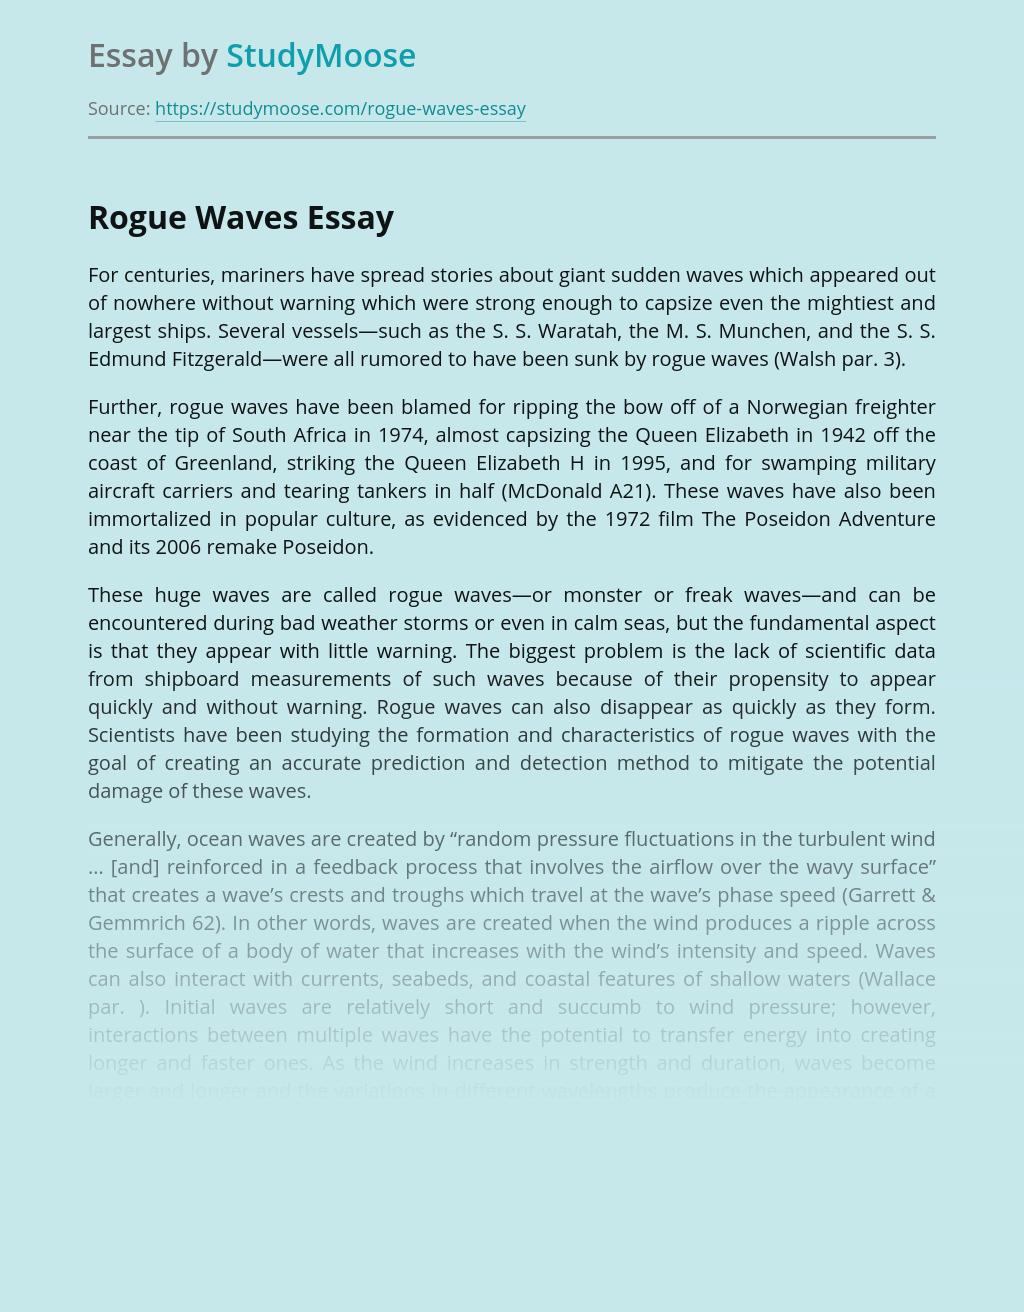 Rogue Waves as Natural Disasters